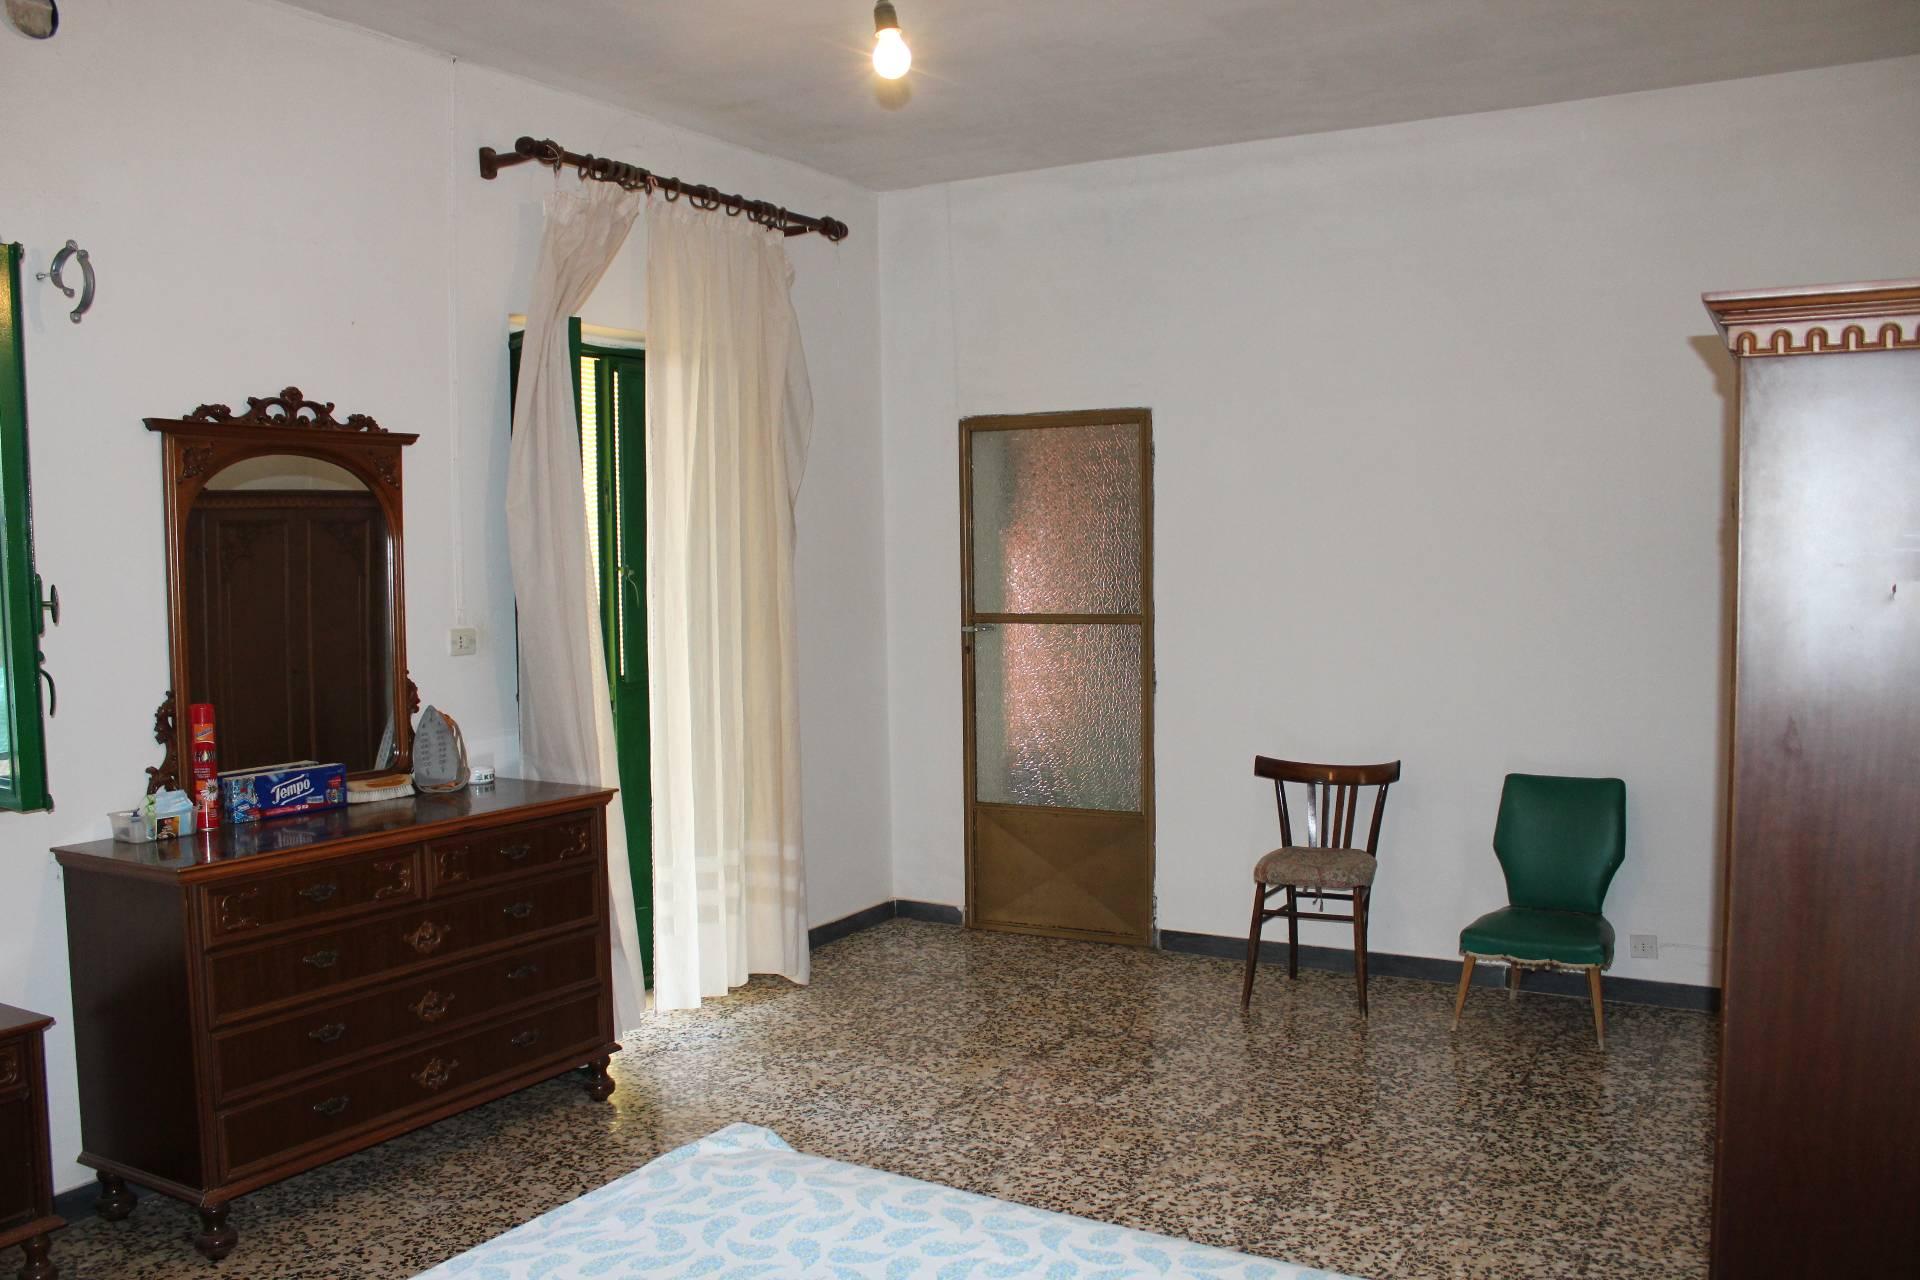 Rustico / Casale in vendita a Ostuni, 5 locali, prezzo € 110.000 | CambioCasa.it